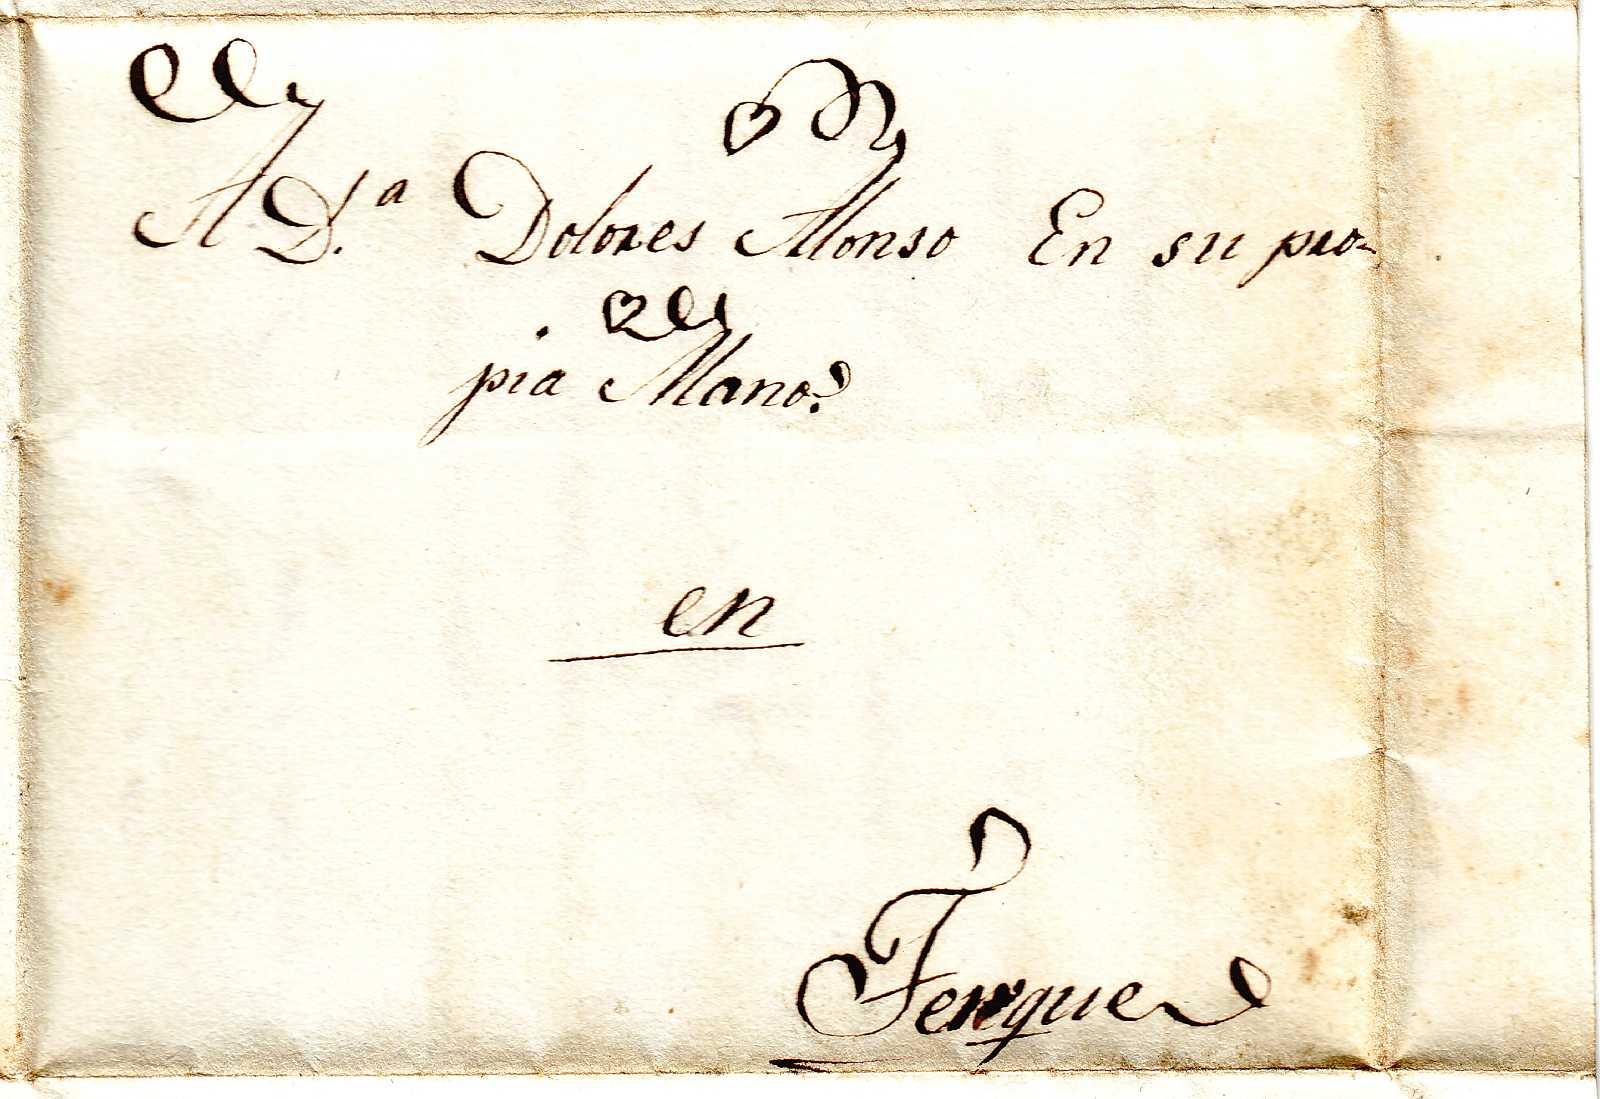 Cartas cruzadas Terque, 1835